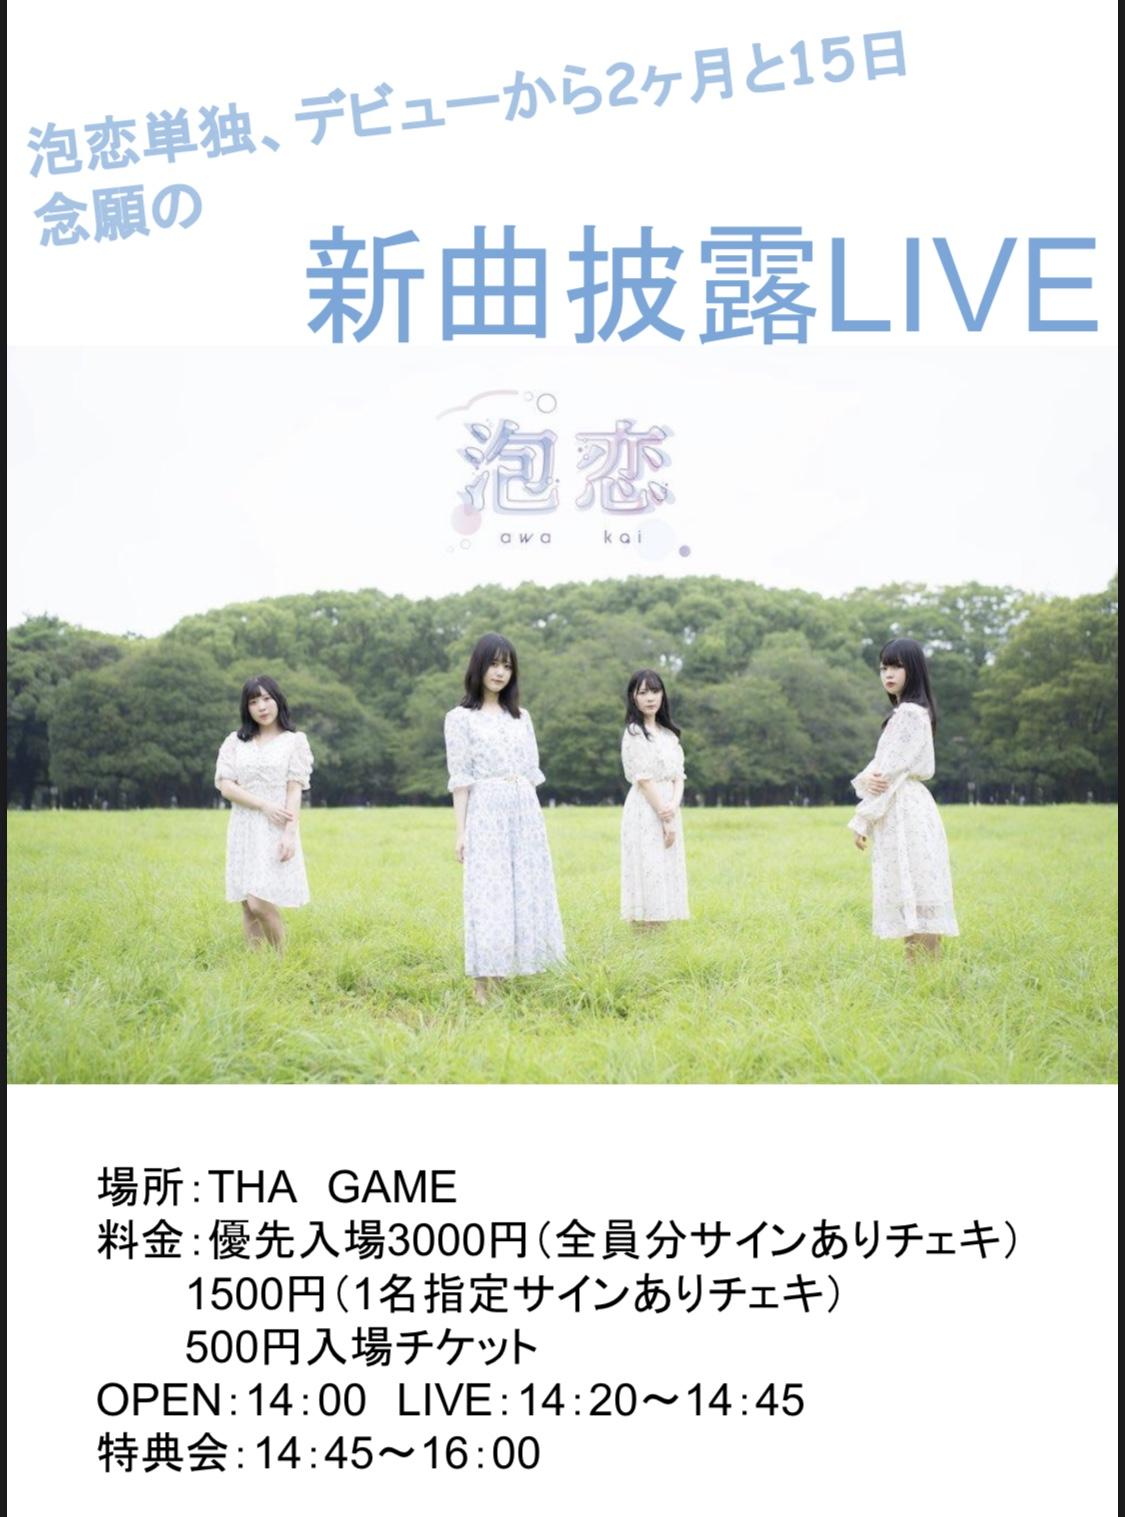 泡恋単独、デビューから2か月と15日念願の新曲披露LIVE